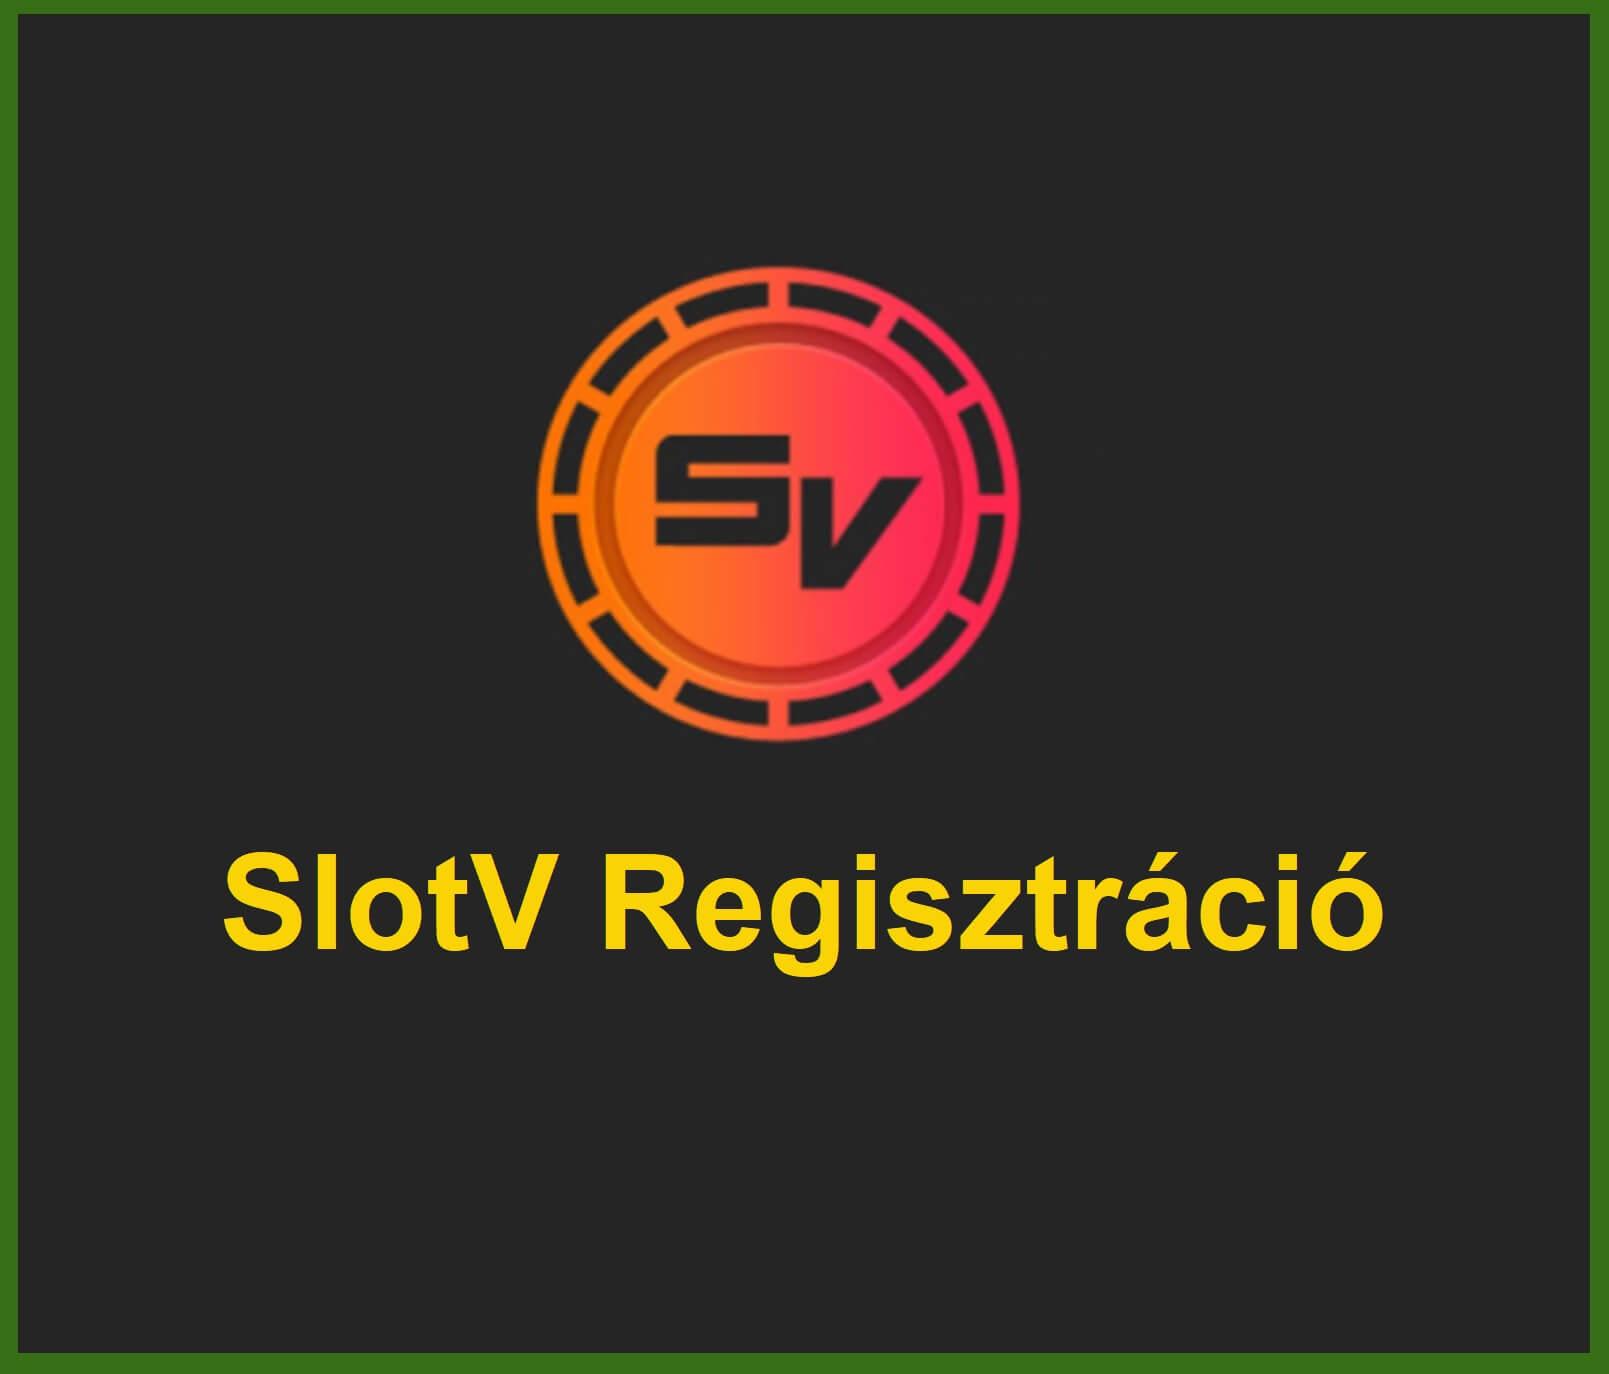 Regisztráció Slotv Casino